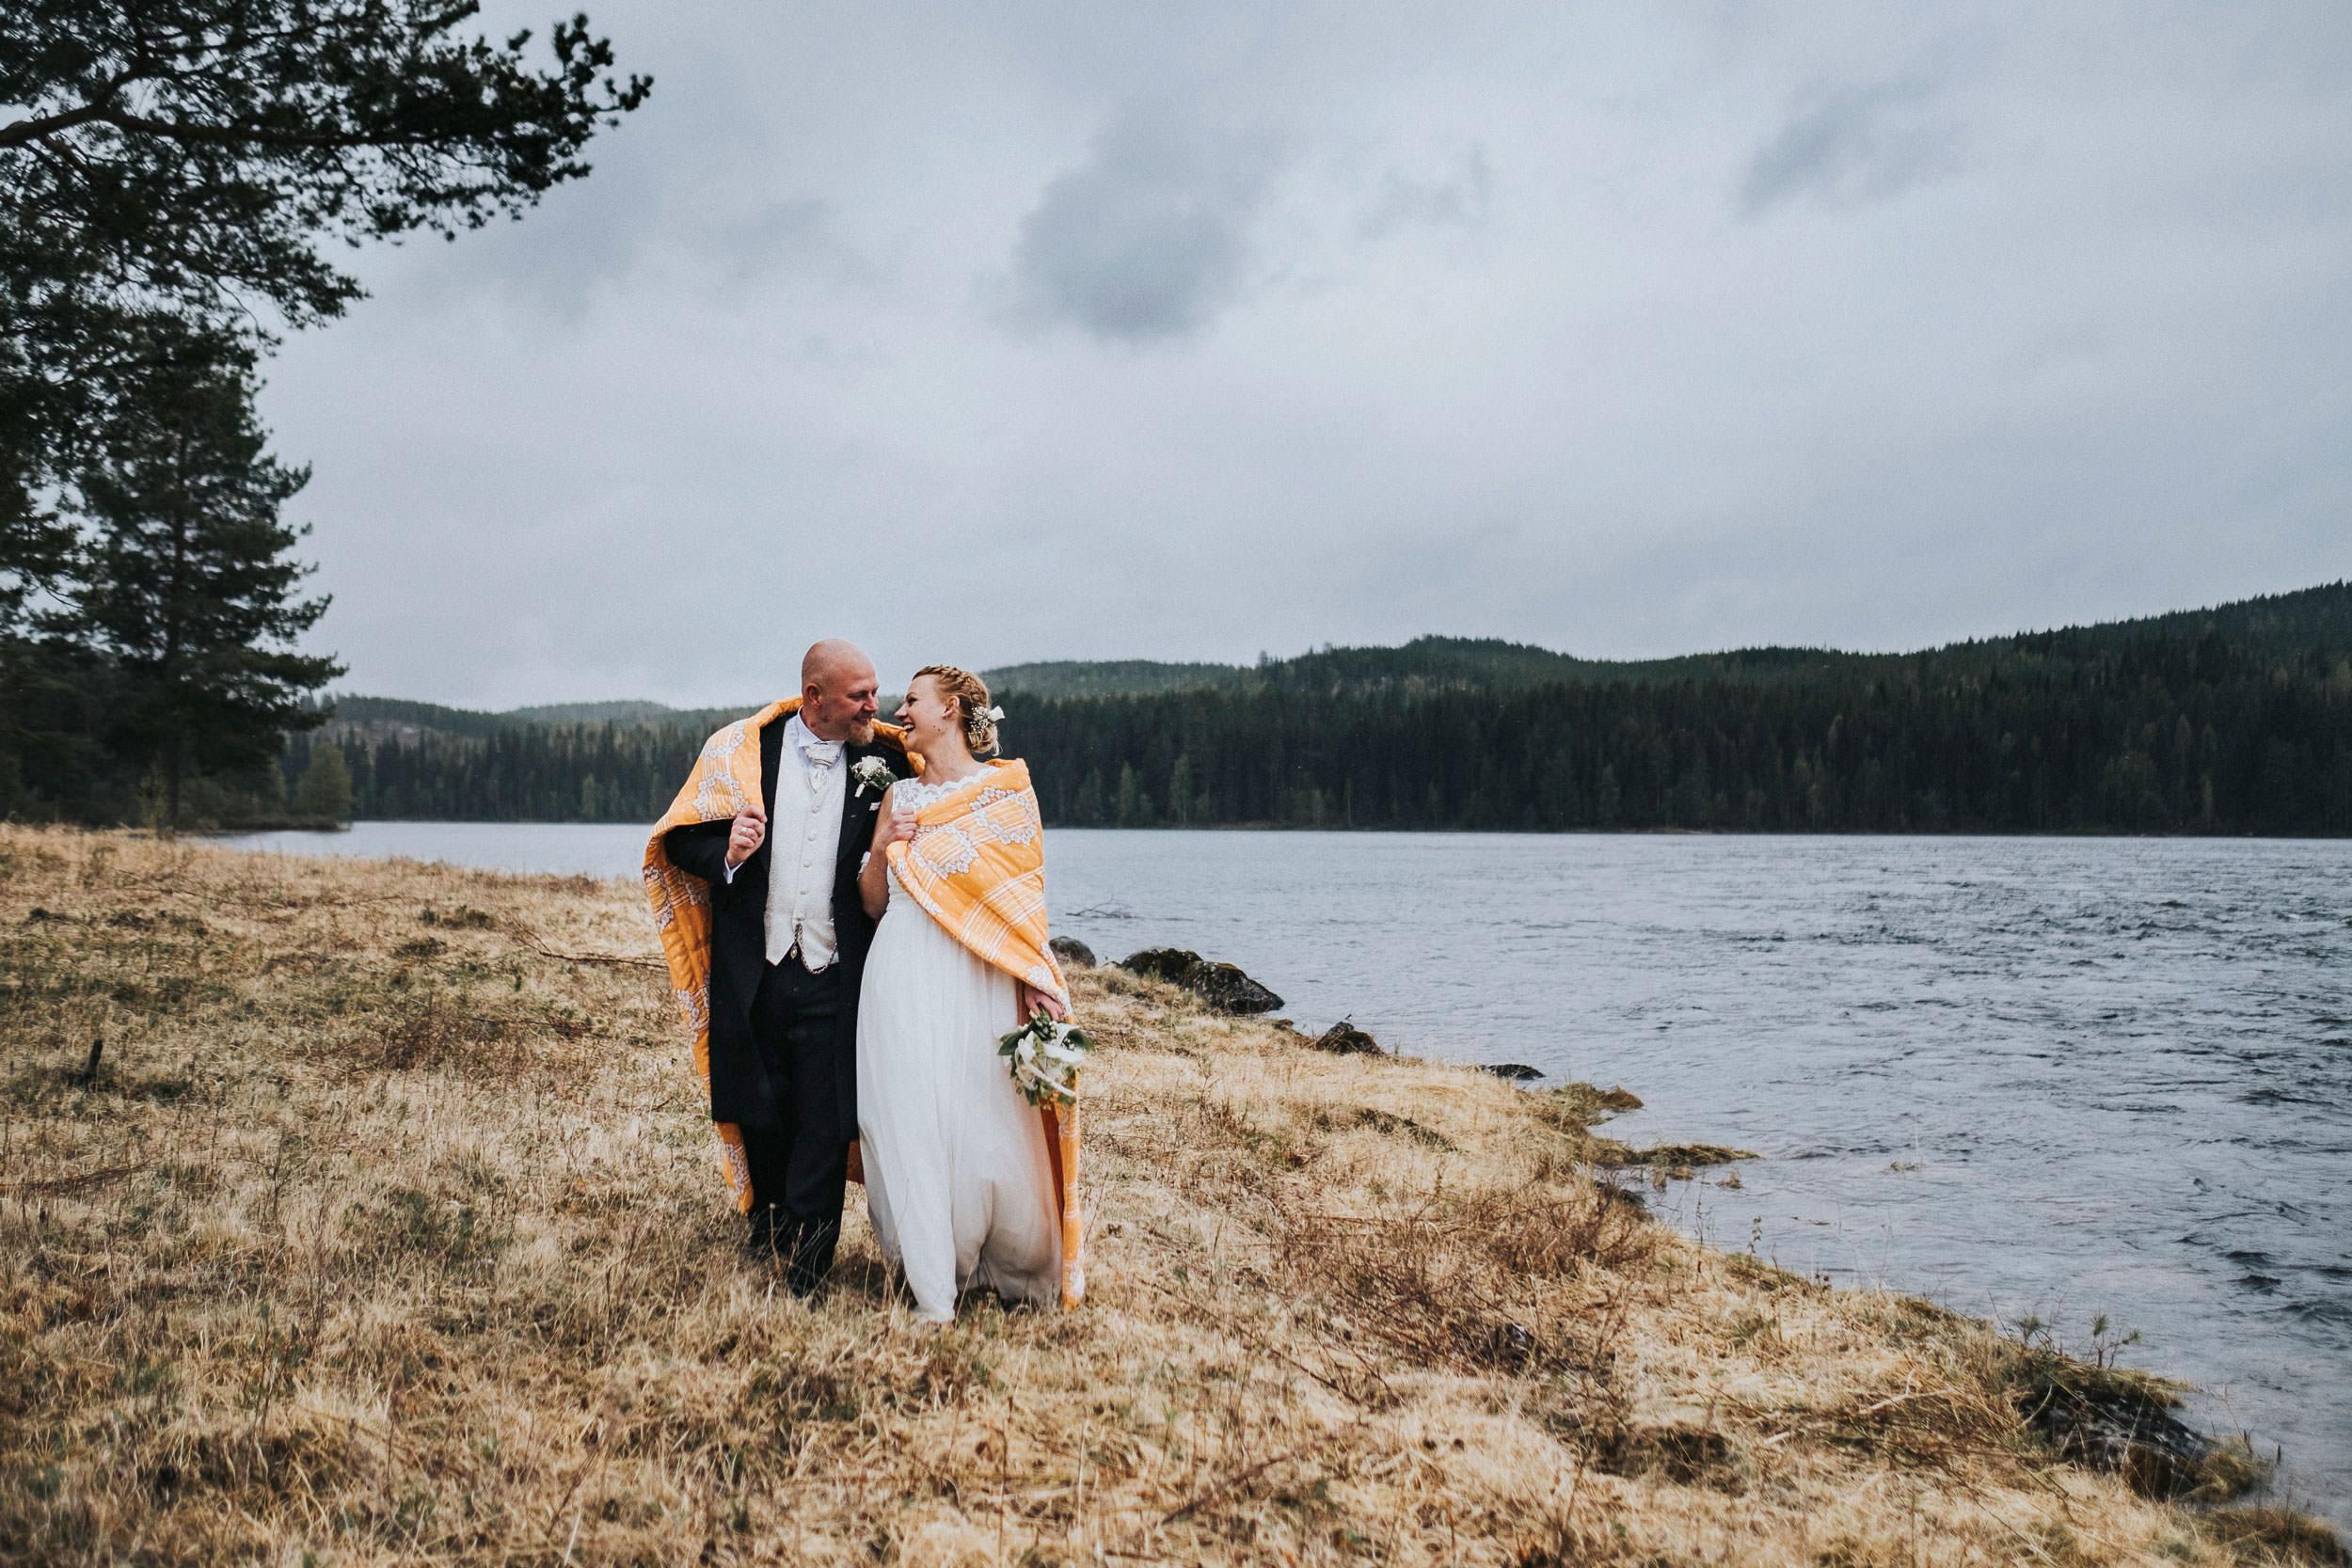 © Fotograf Jonas Burman, wedding, bröllop, brudpar, bohemiskt, vildmark, natur, vatten